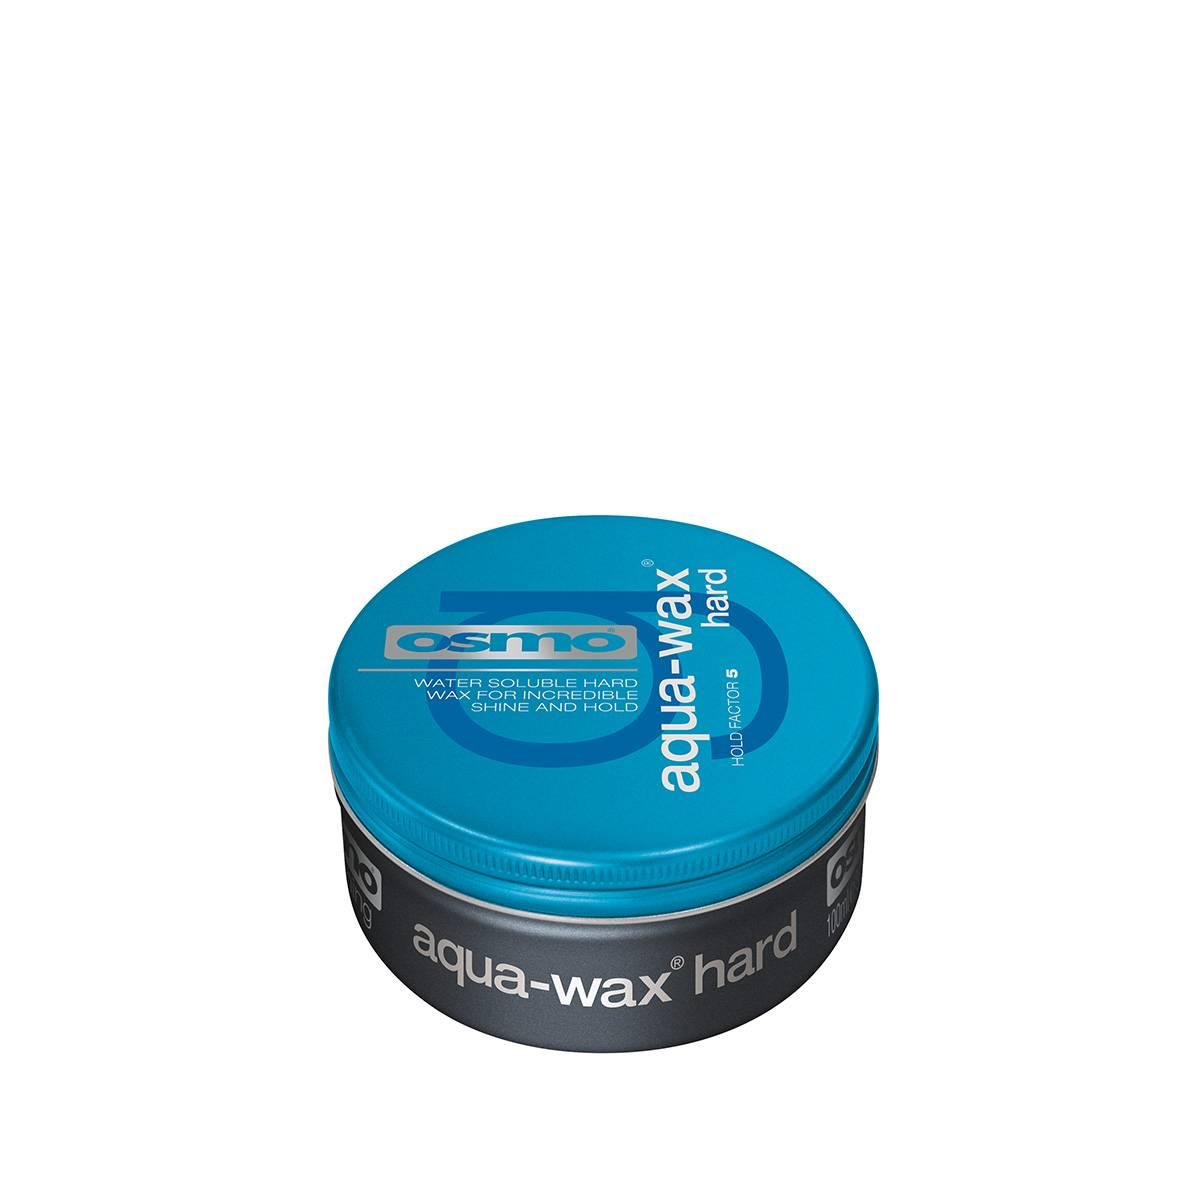 Aqua Wax Hard 100ml Wax